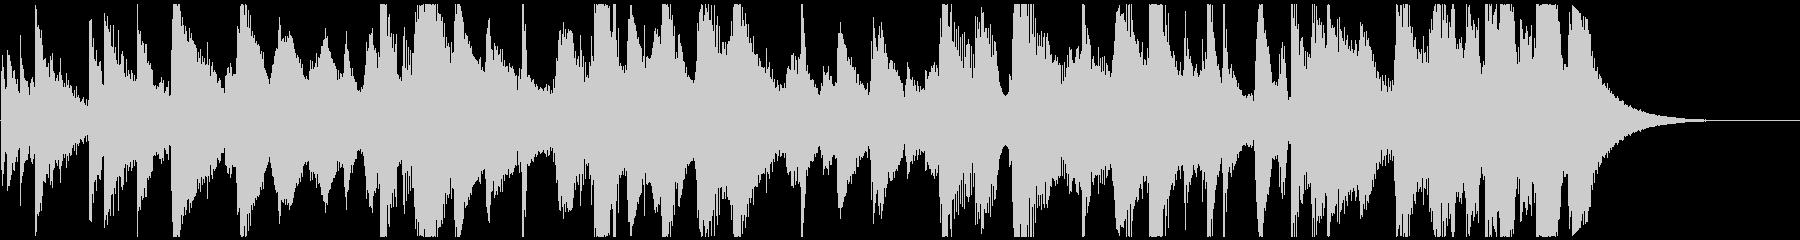 スチールドラムとギターのゆったりレゲエの未再生の波形